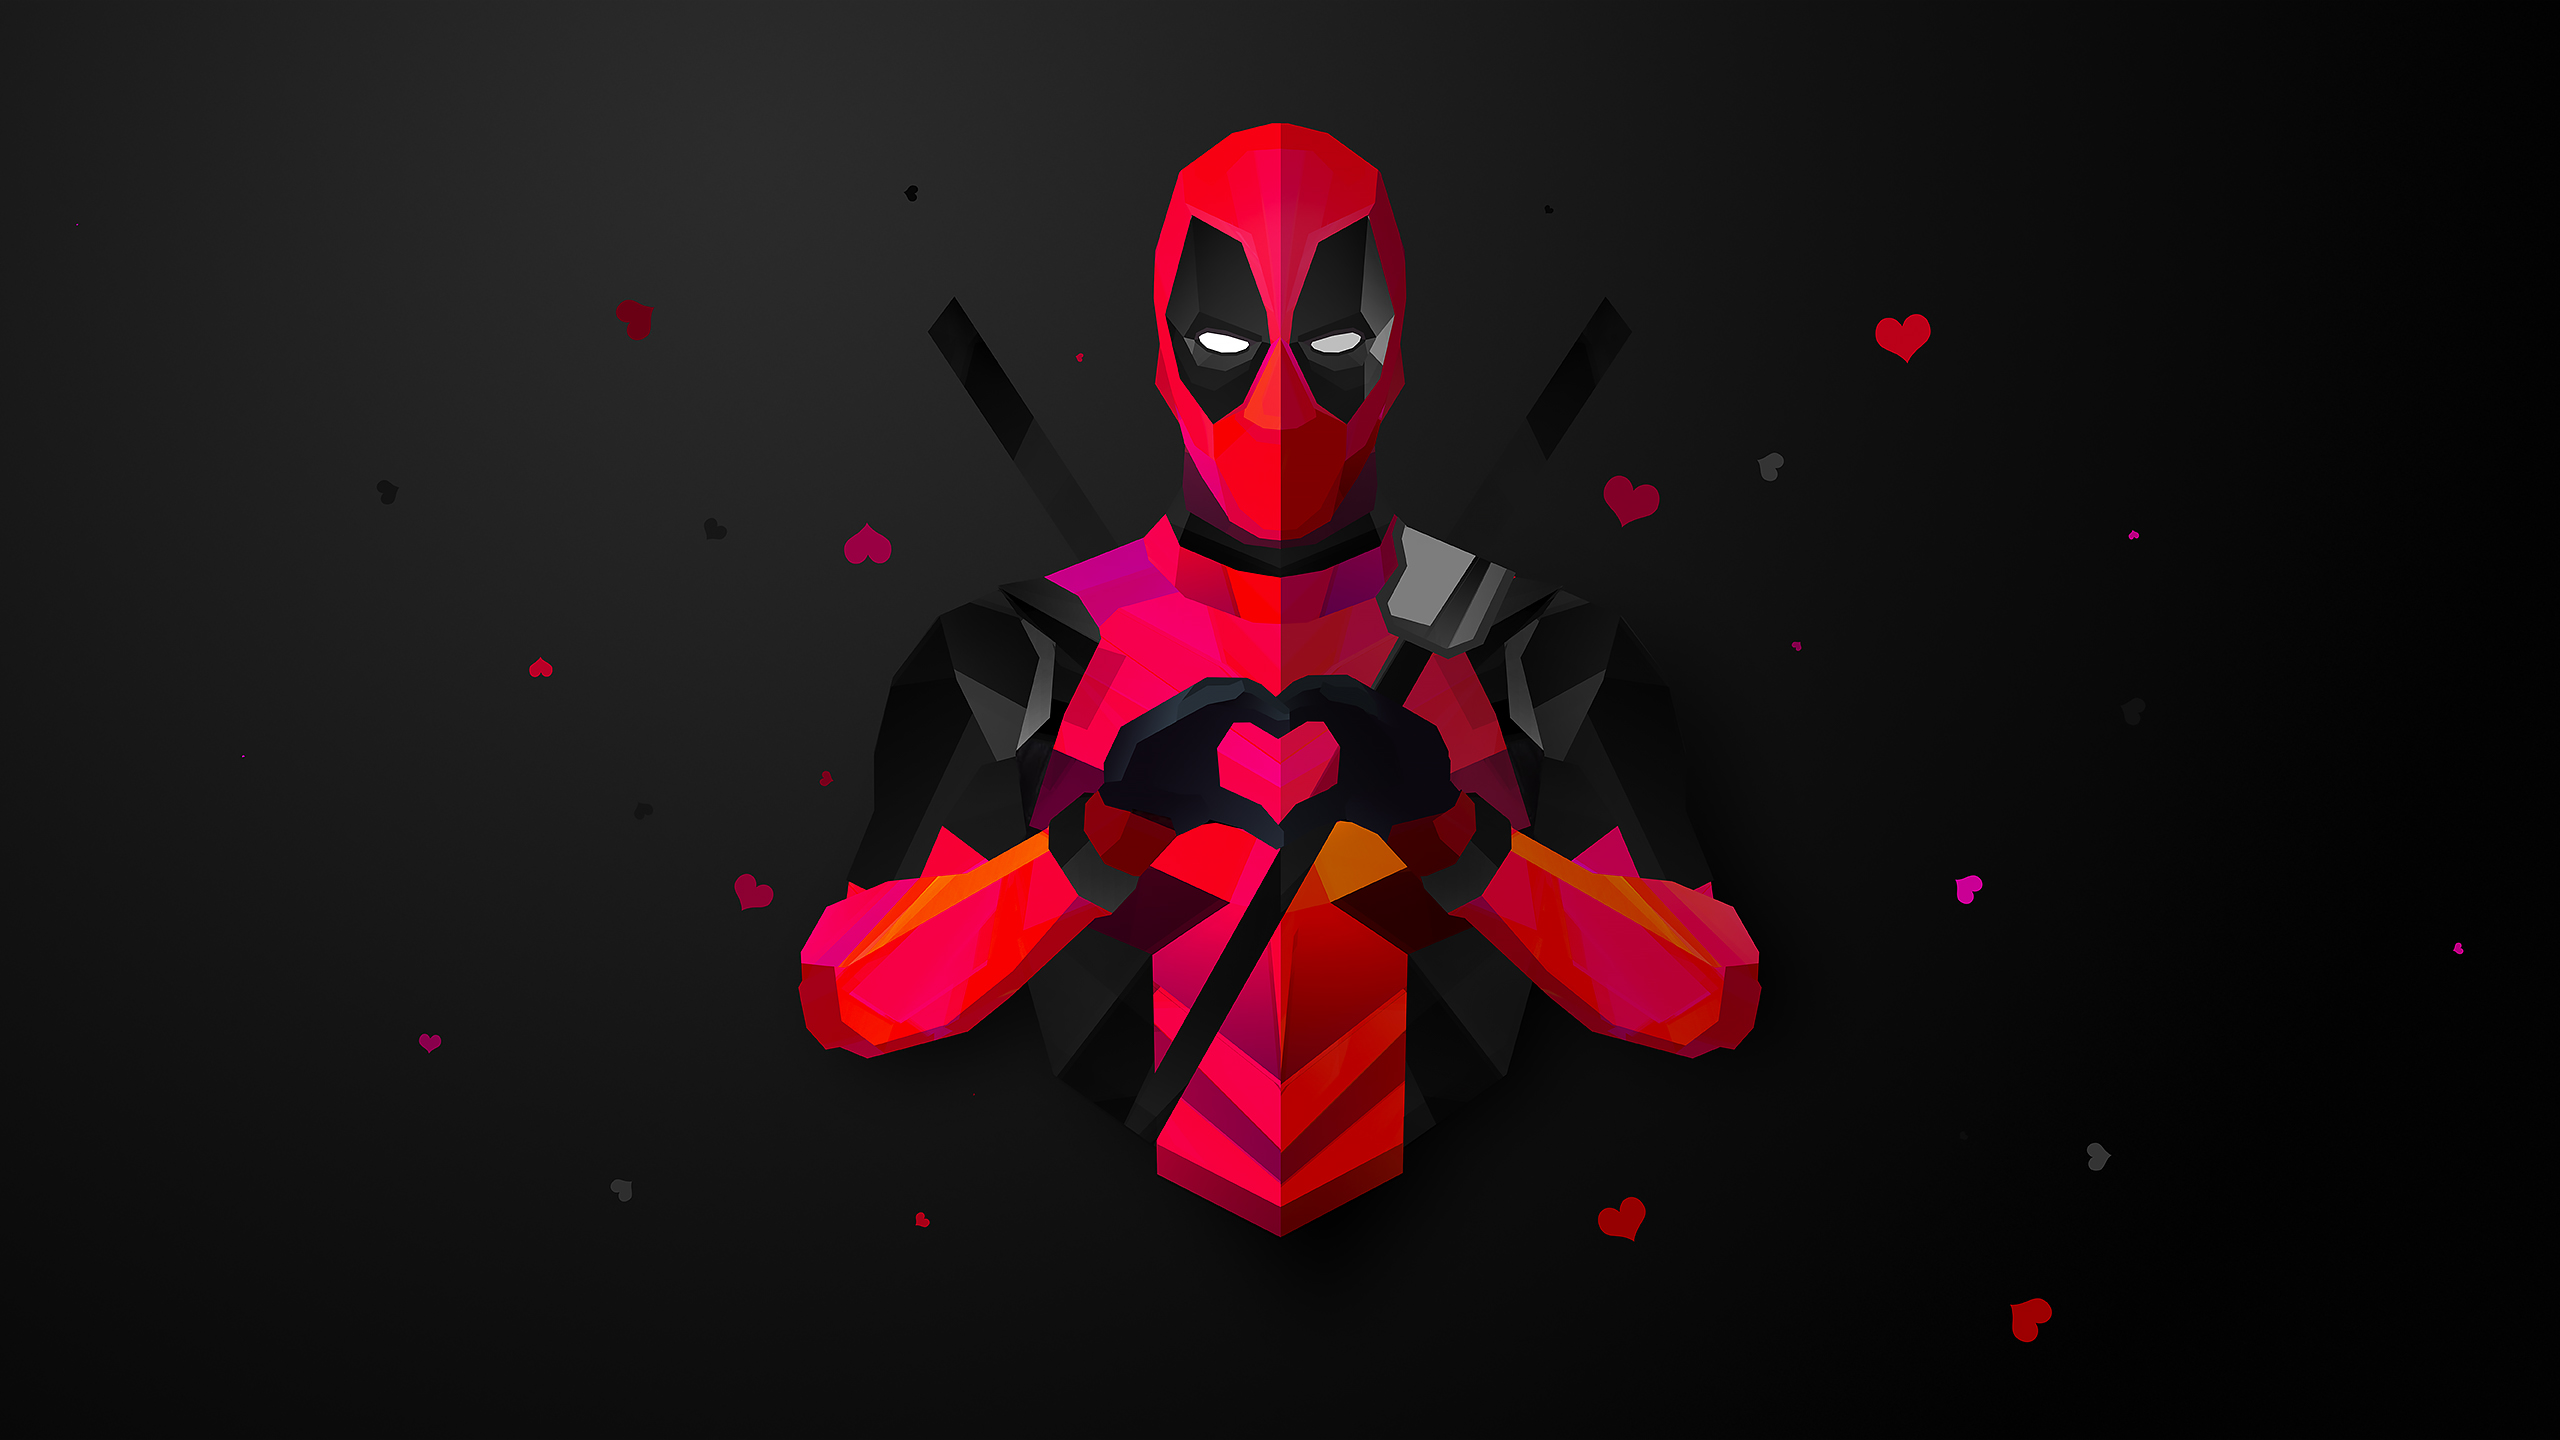 Download Deadpool Wallpapers 2560x1440